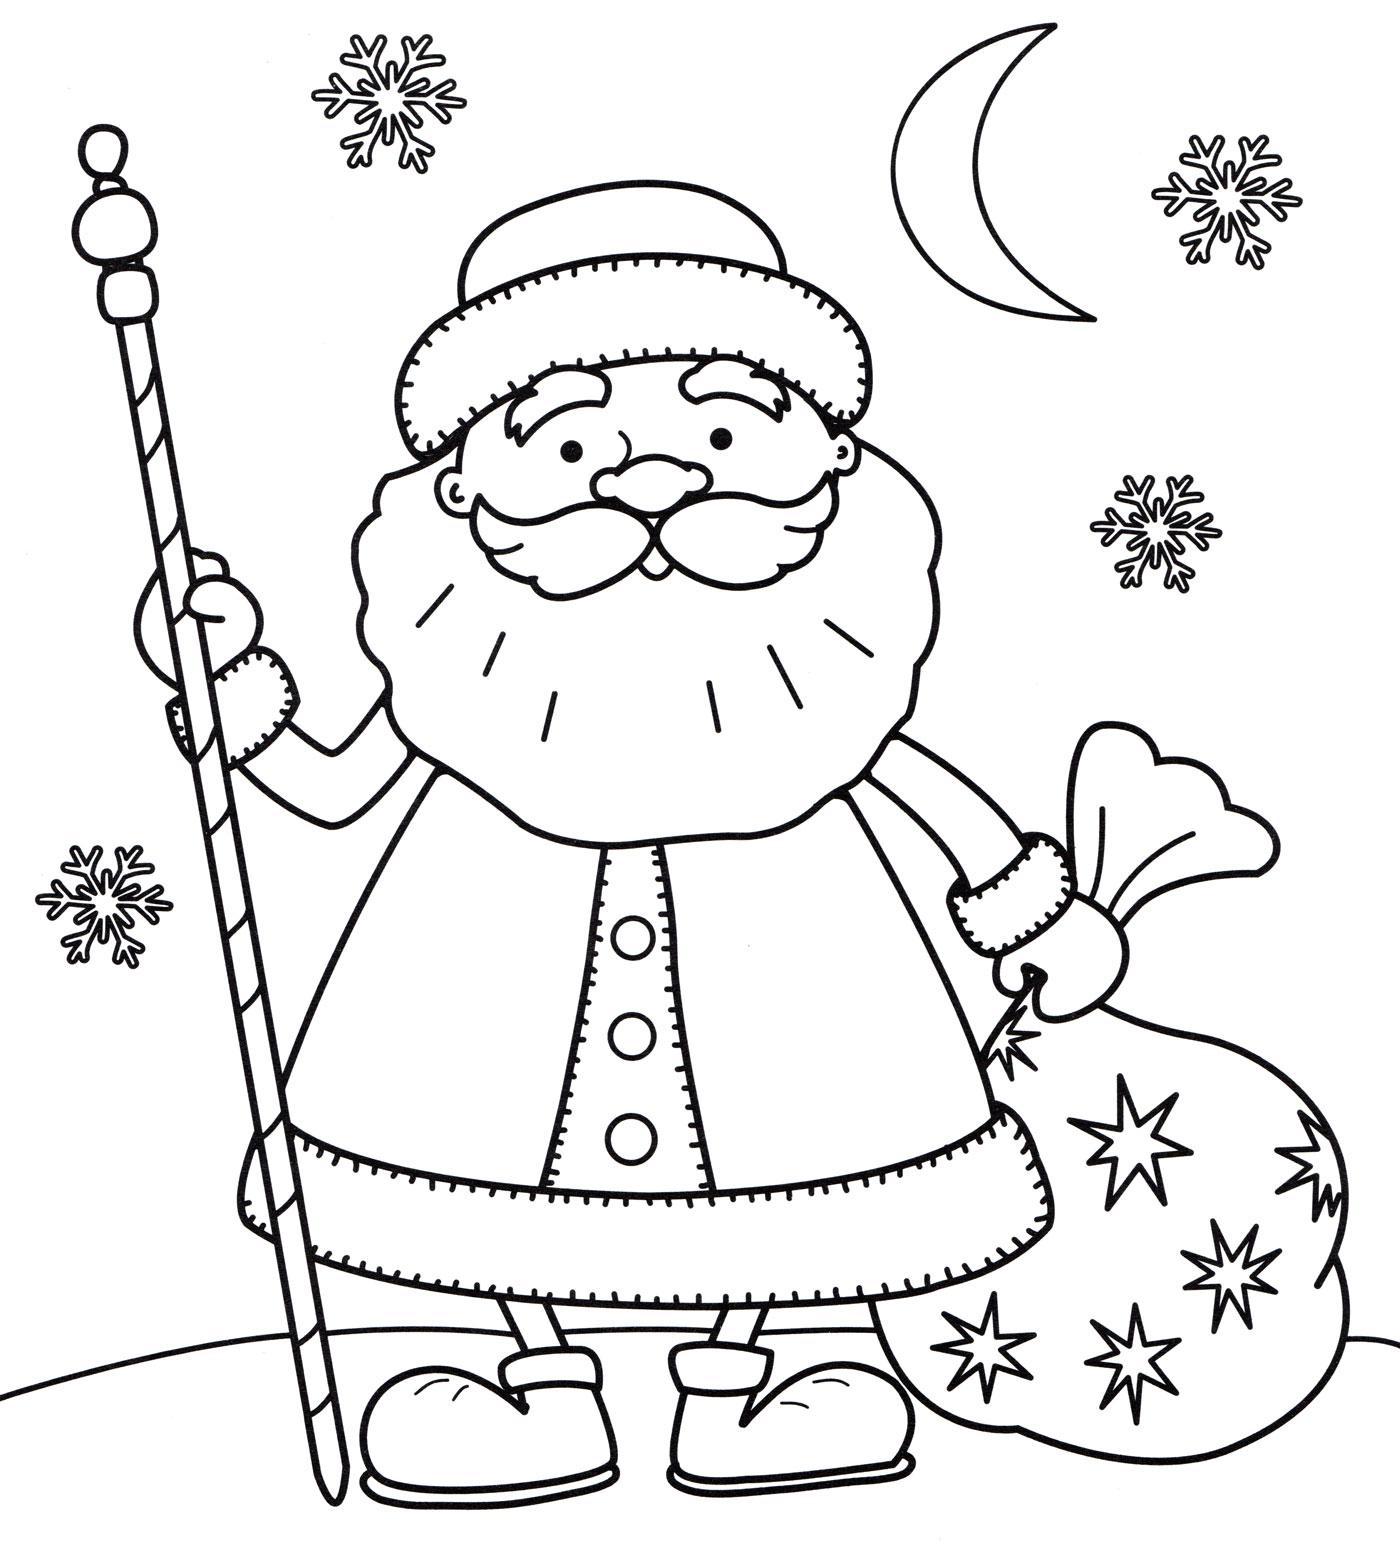 Раскраска Дедушка мороз с мешком